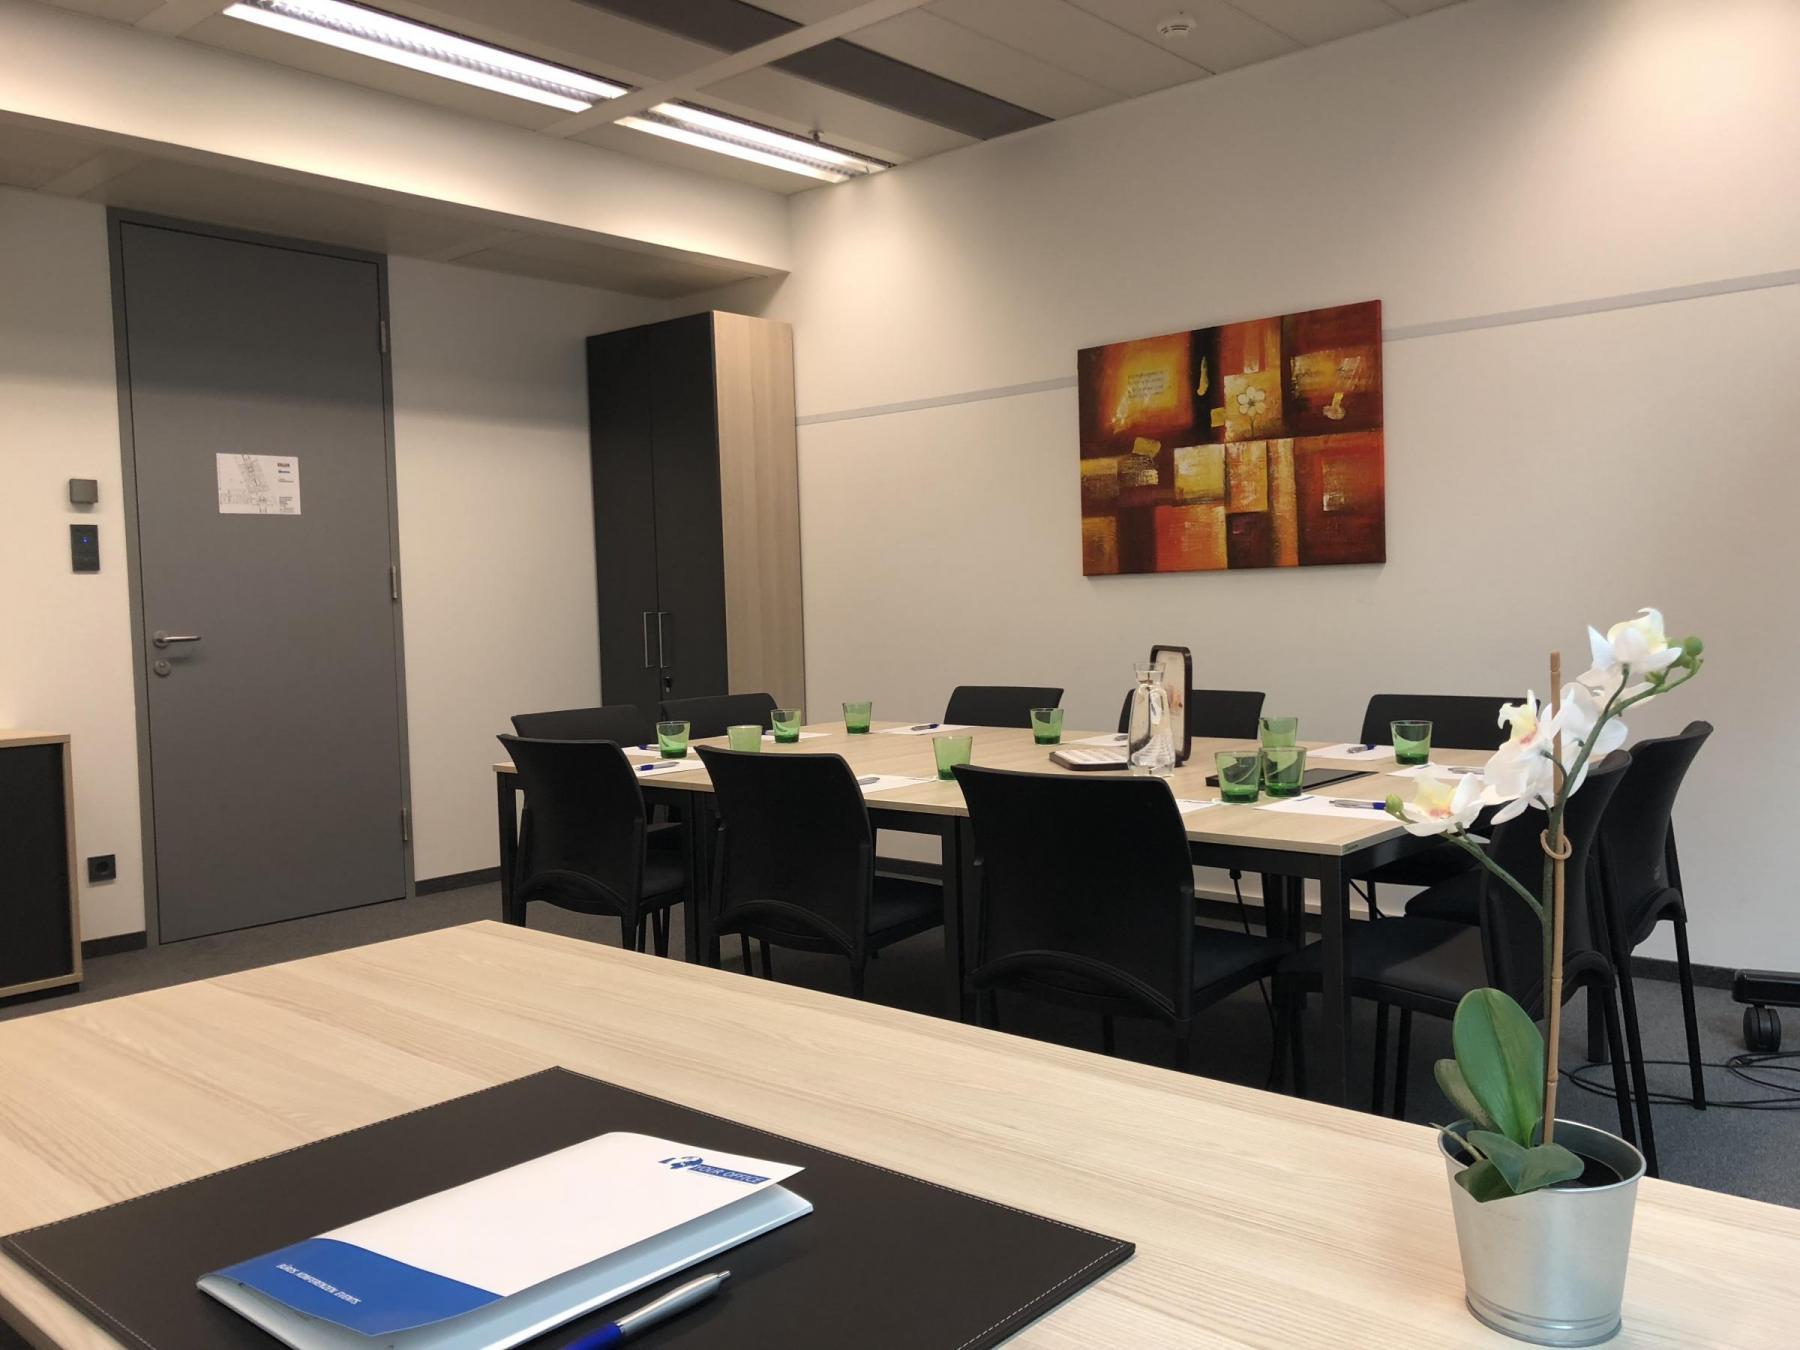 Miete ein Büro in 1120 Wien Meidling